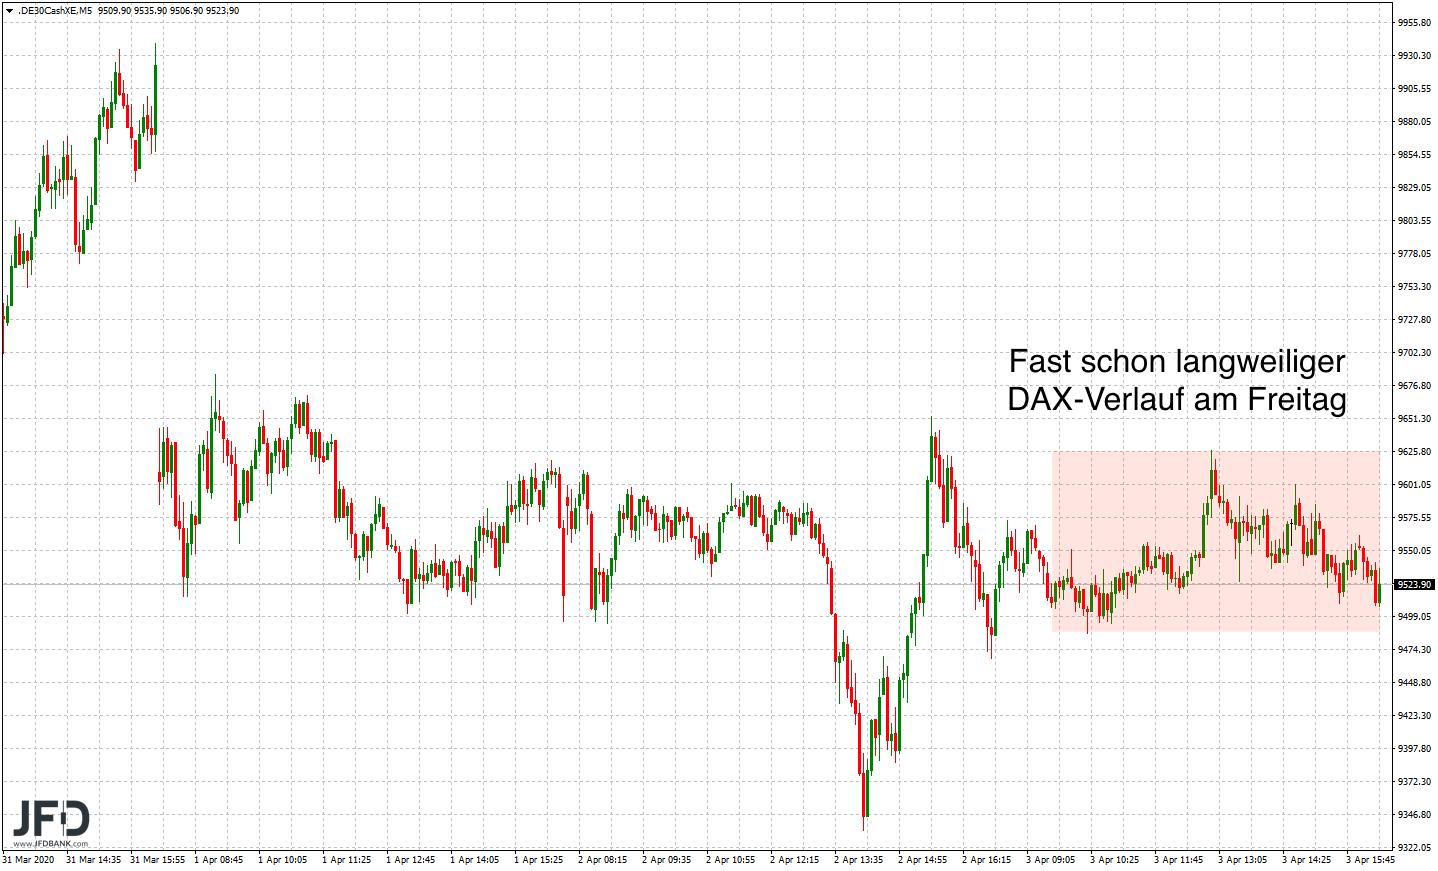 Positiver-Wochenstart-verlässt-unser-DAX-die-Range-der-Vorwoche-Kommentar-JFD-Bank-GodmodeTrader.de-2